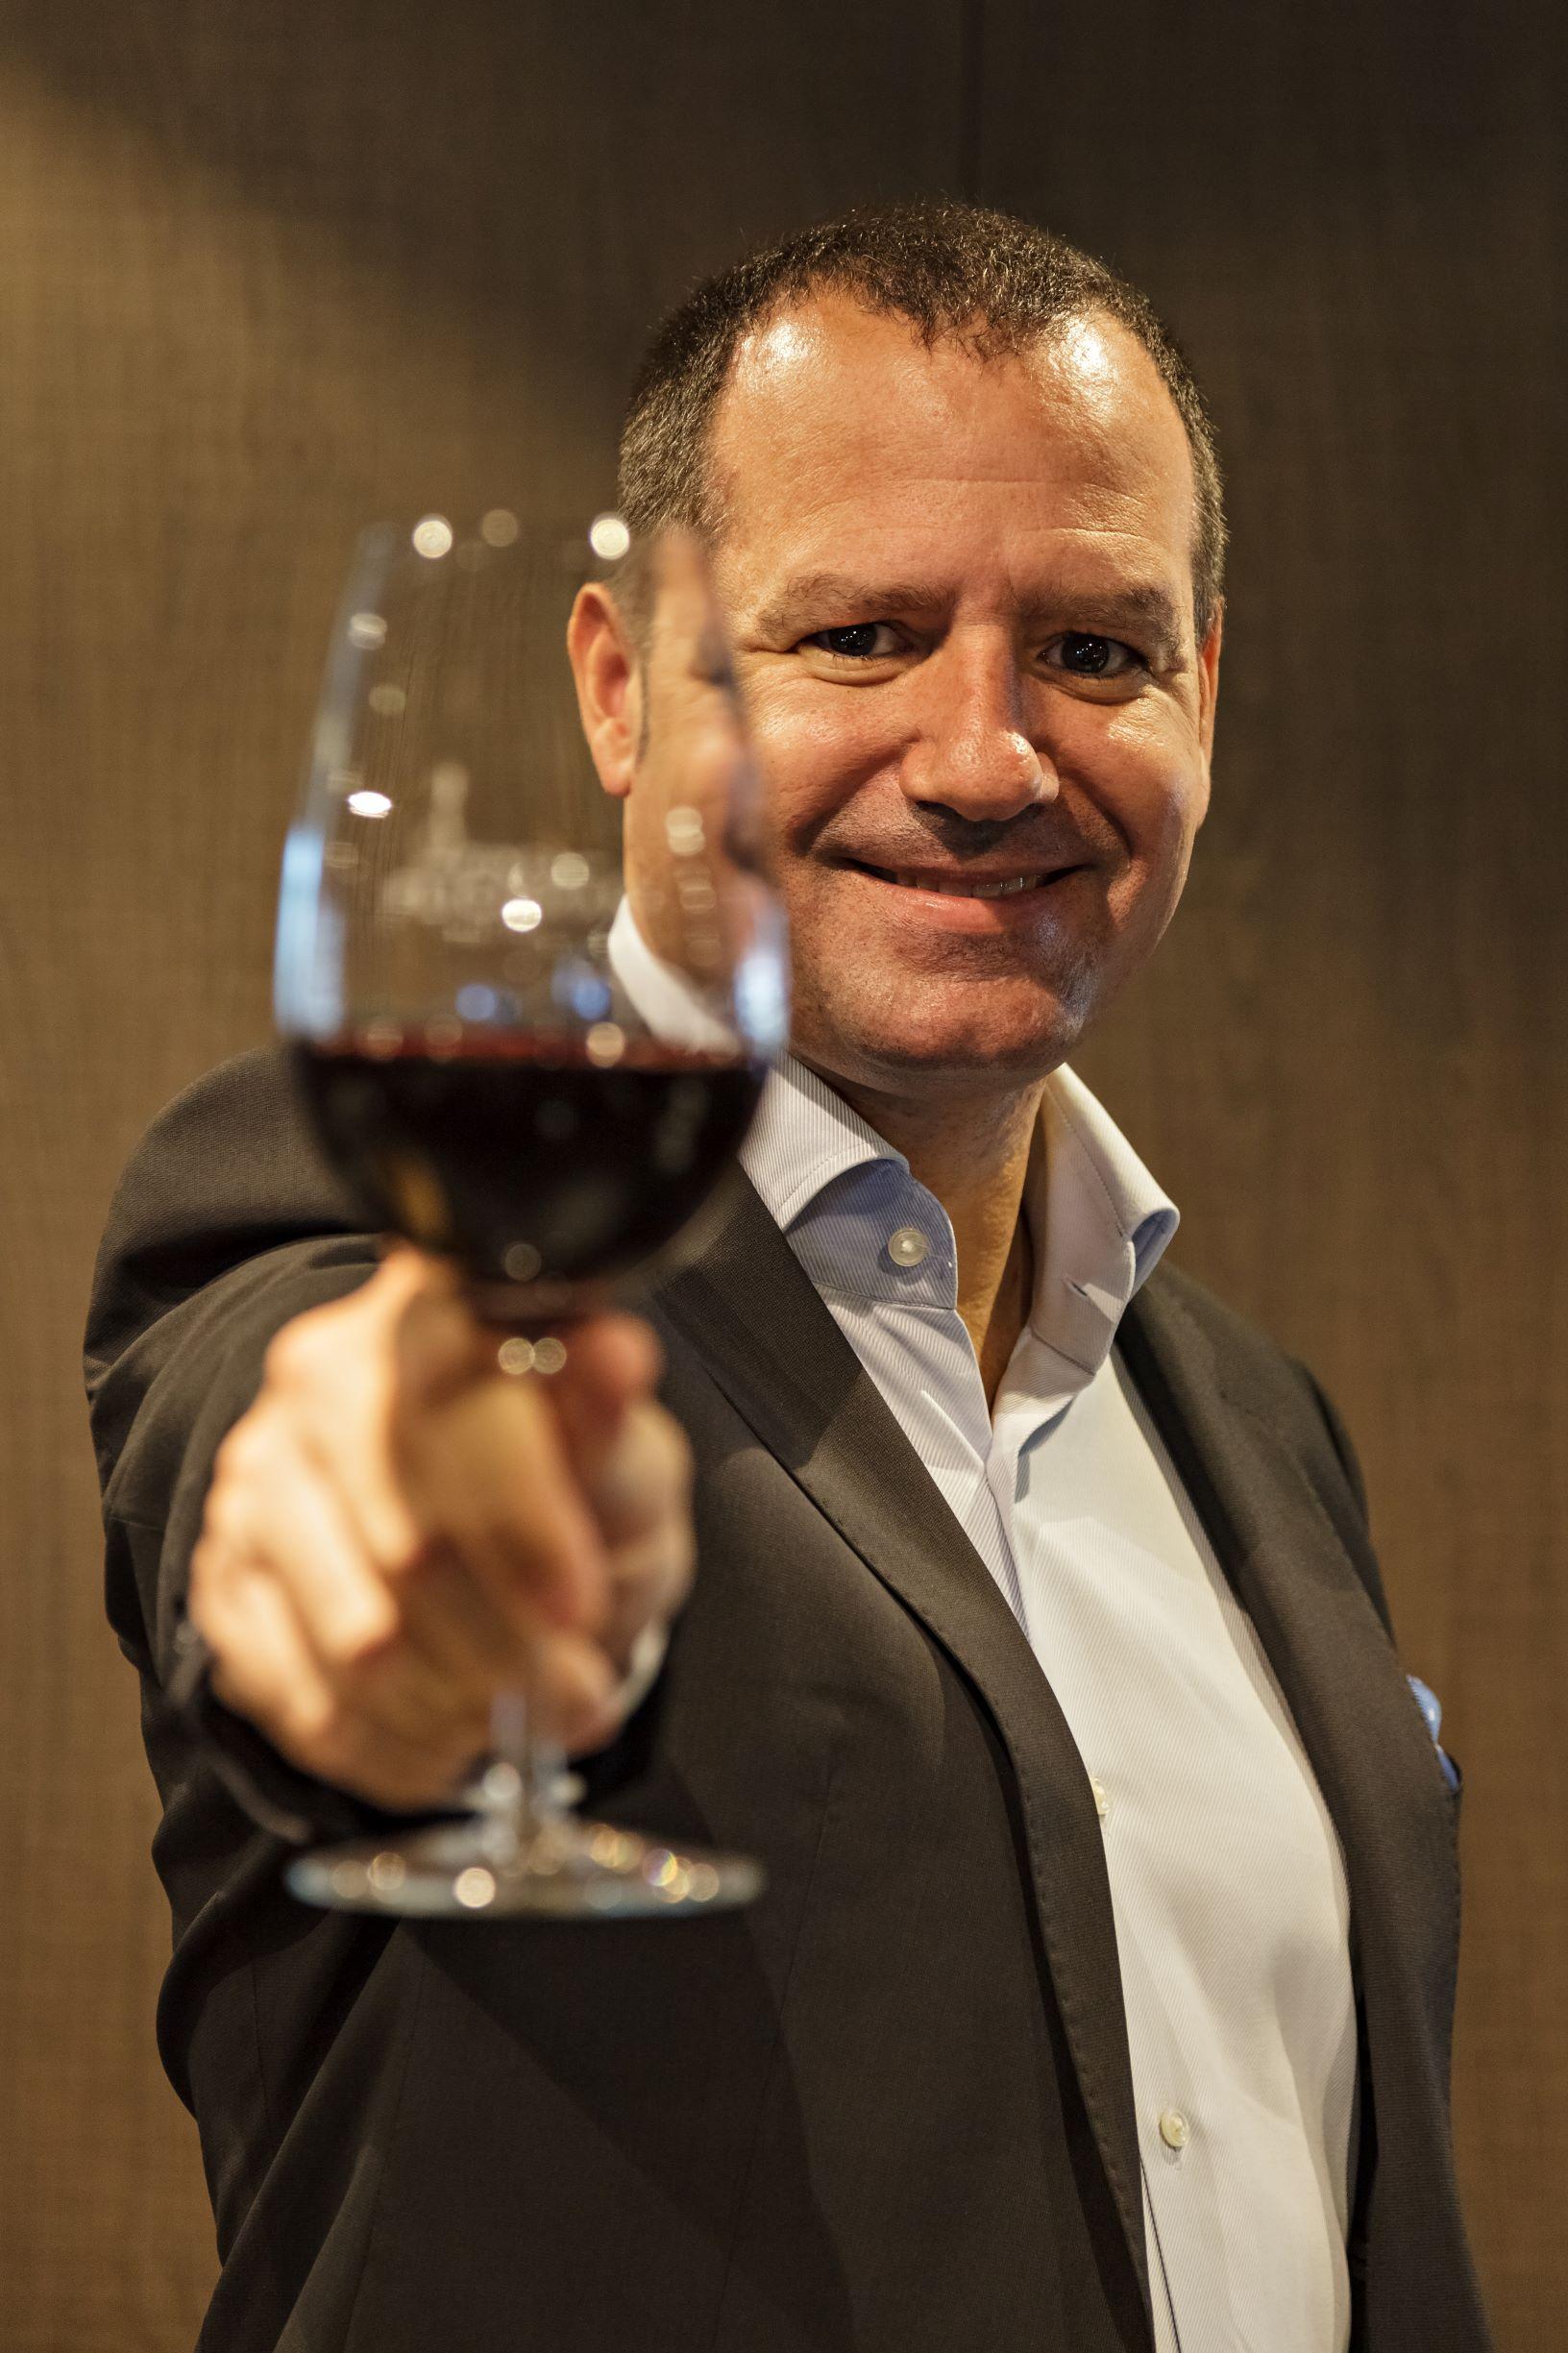 """- """" Históricamente, el negocio del sector fue pensado de atrás hacia adelante, partiendo de la uva disponible y no en las tendencias y deseos del consumidor. Nuestra tarea es brindar un servicio de marketing para profesionalizar esta área en el mundo del vino""""- Gastón Lo Ruso"""